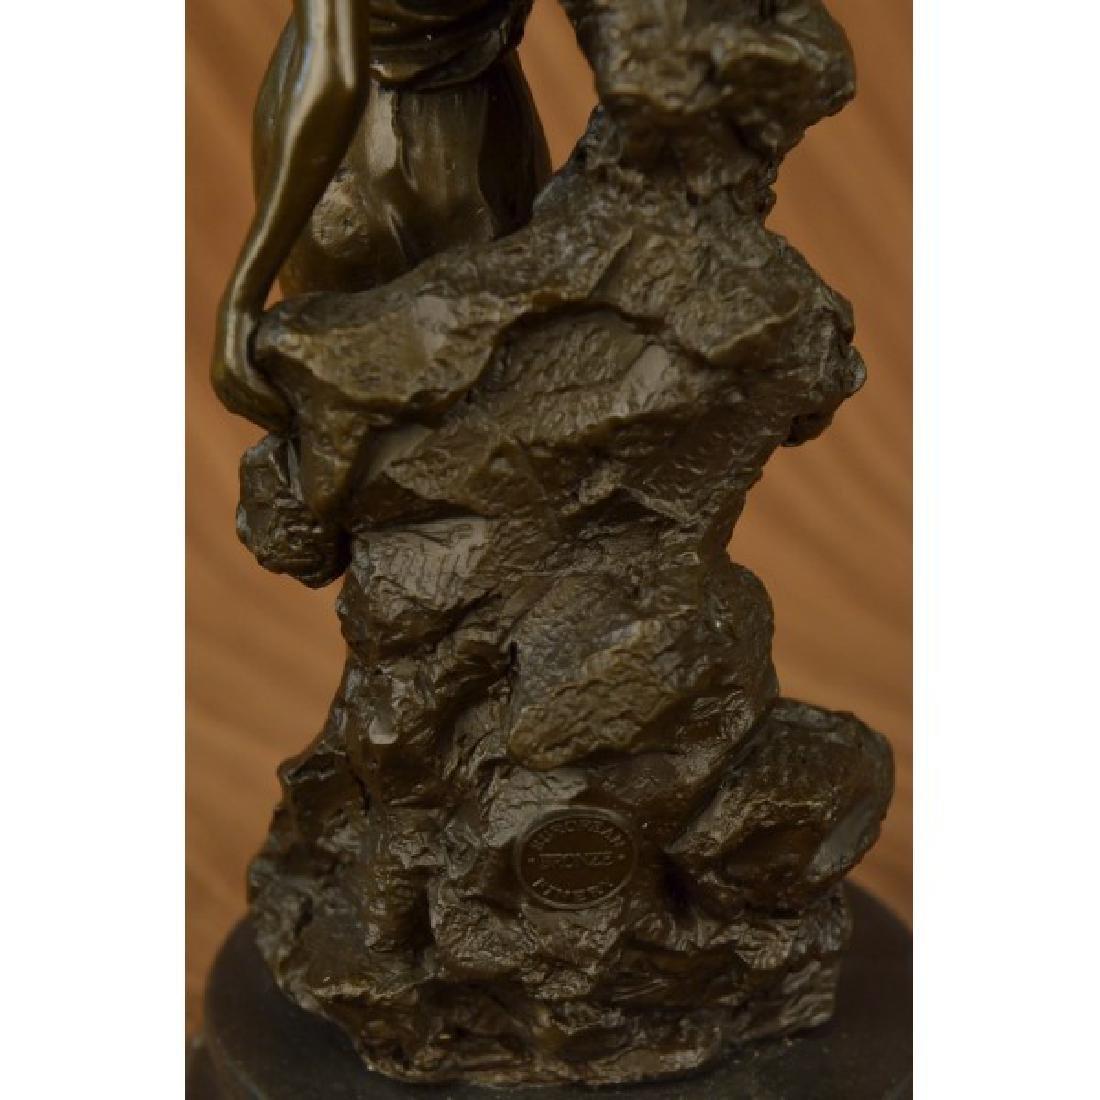 Roman Goddess Bronze Sculpture - 5